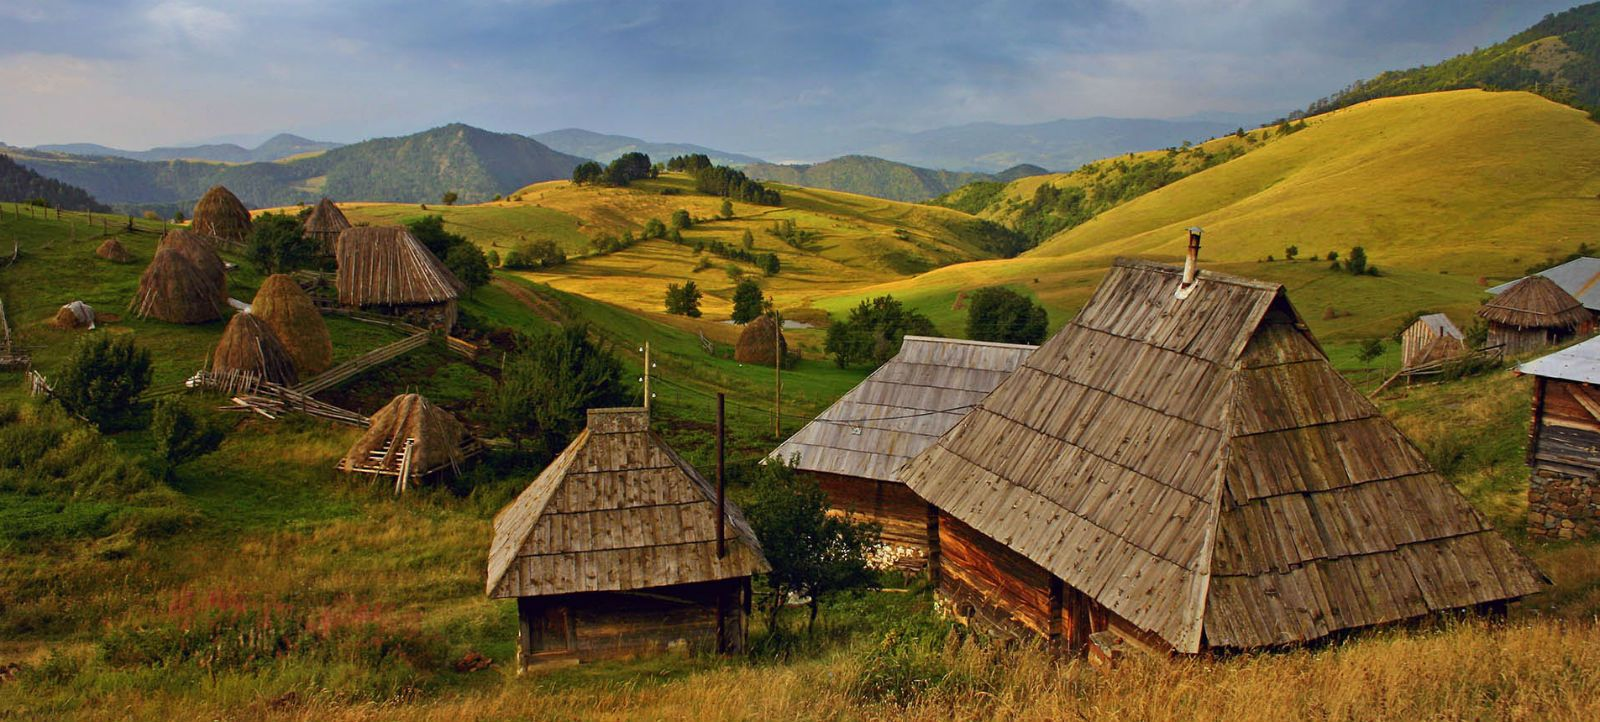 Сельский туризм в Сербии